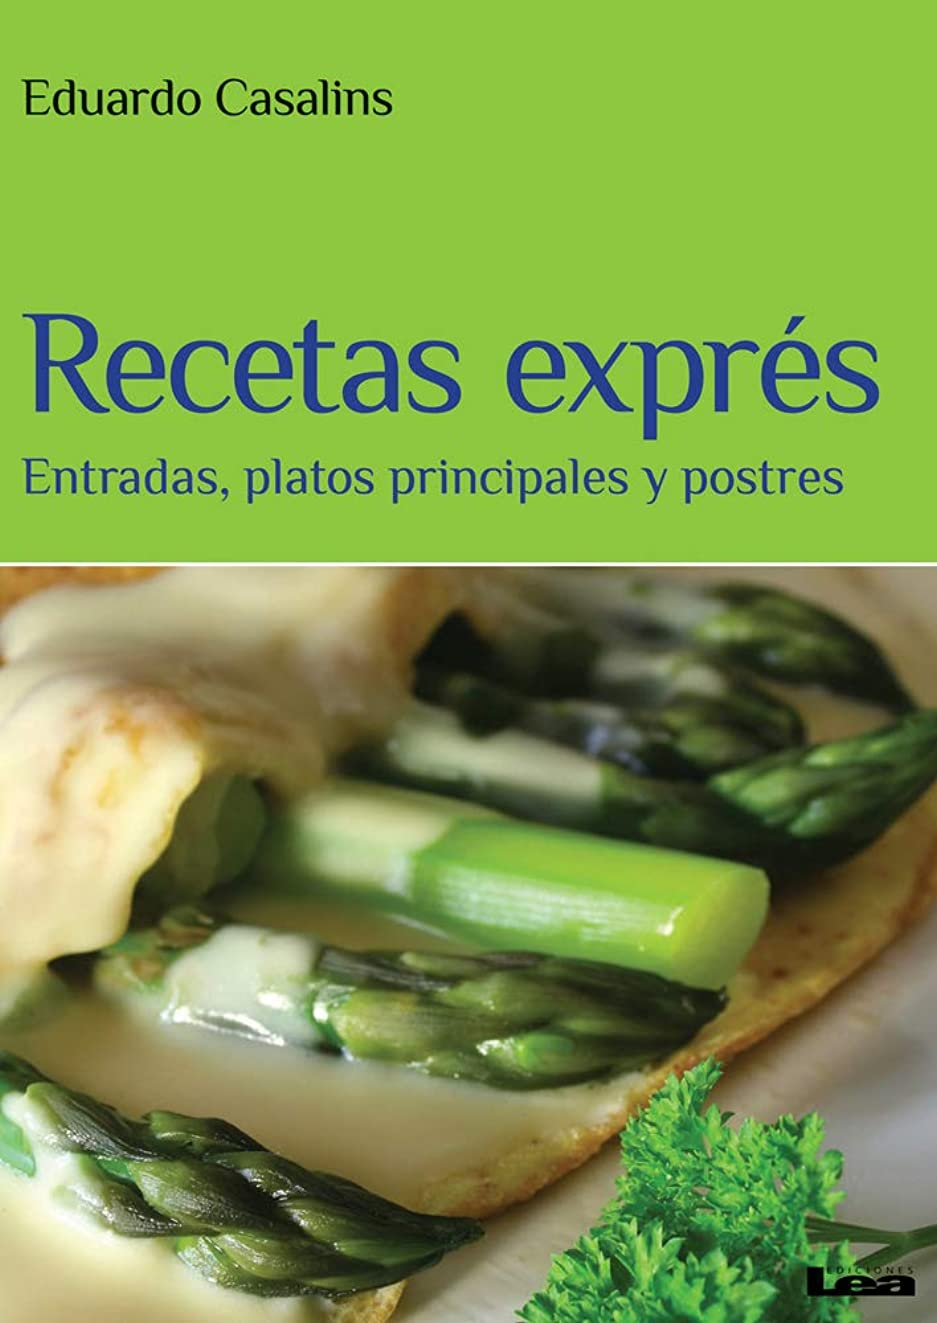 Recetas exprés: entradas, platos principales y postres (Spanish Edition)